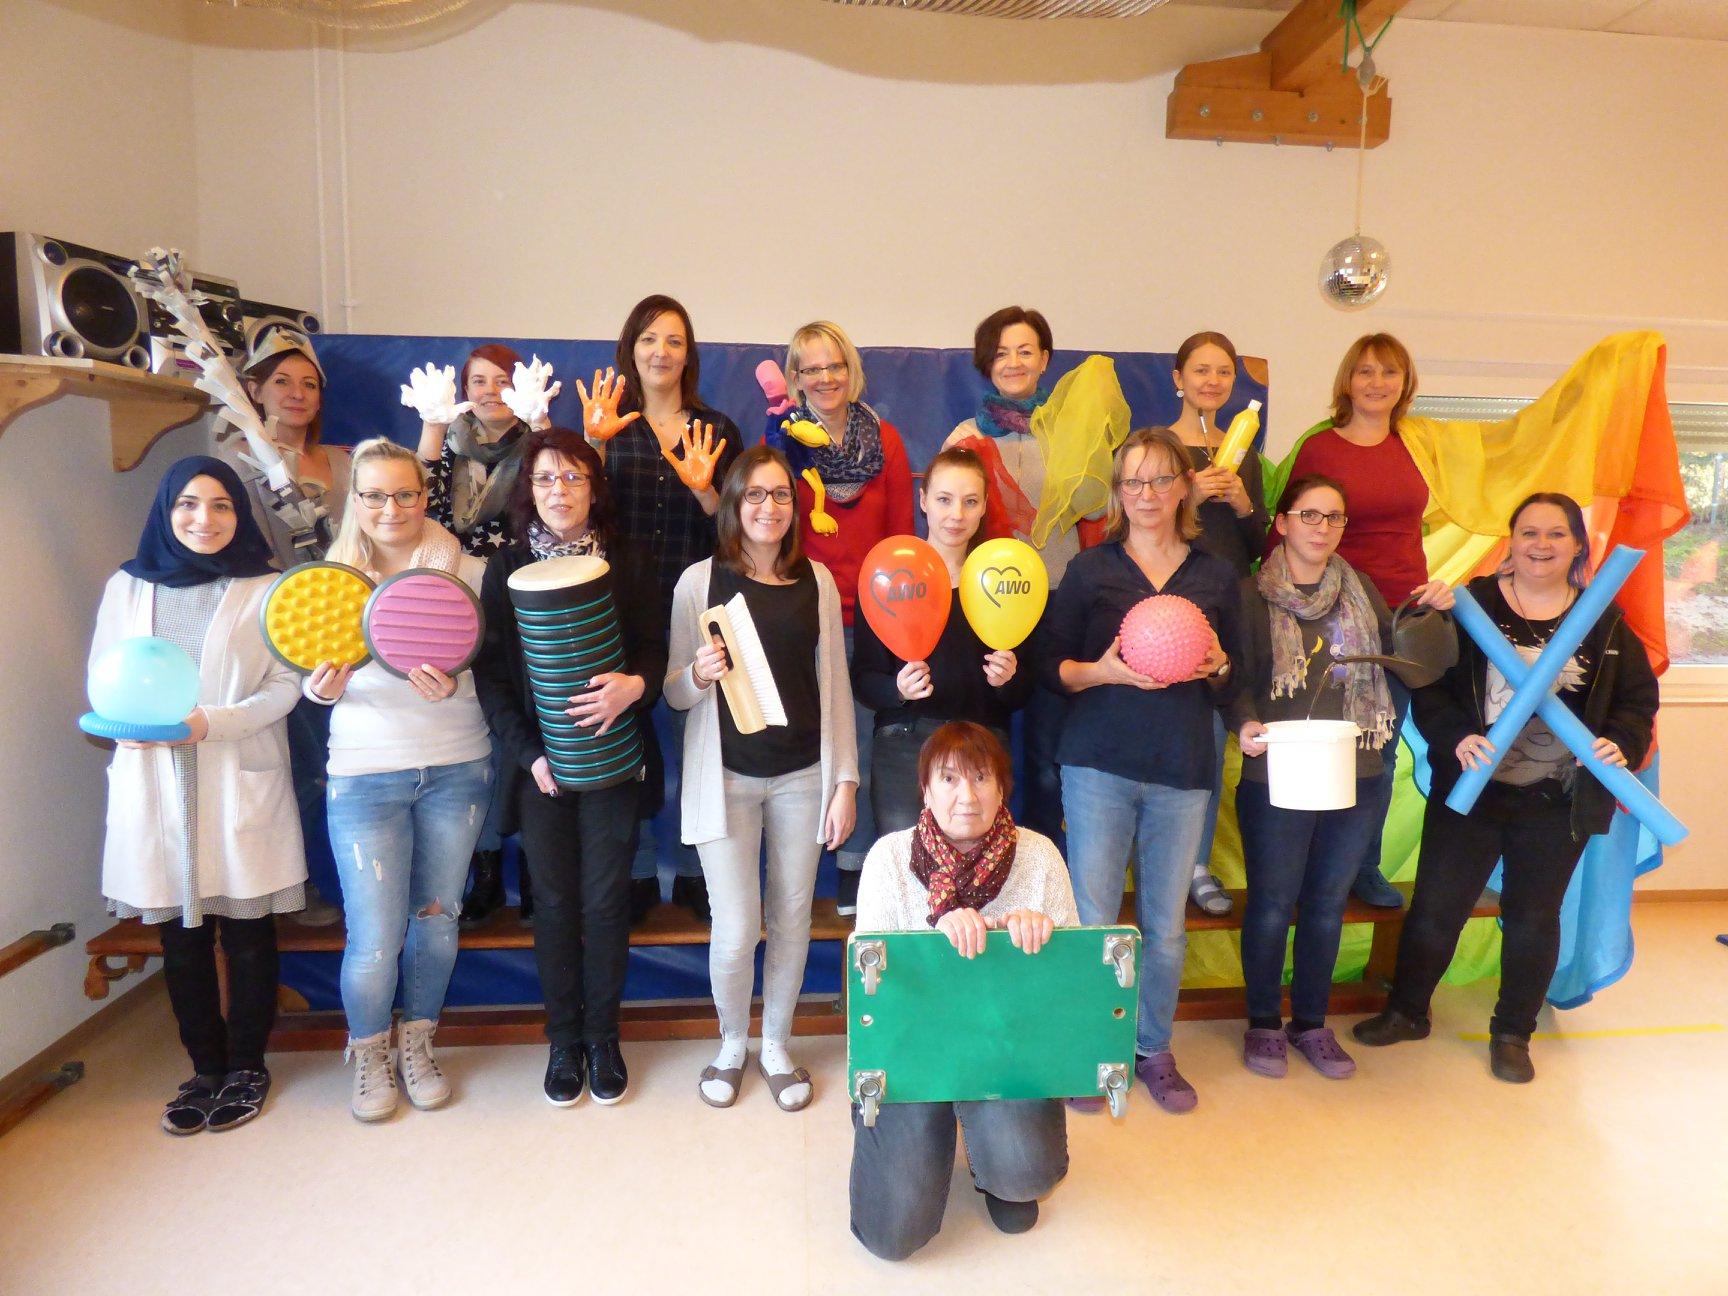 Gruppenbild Team Psychomotorische Kita: AWO Kita Hedwig Wachenheim in Wiehl